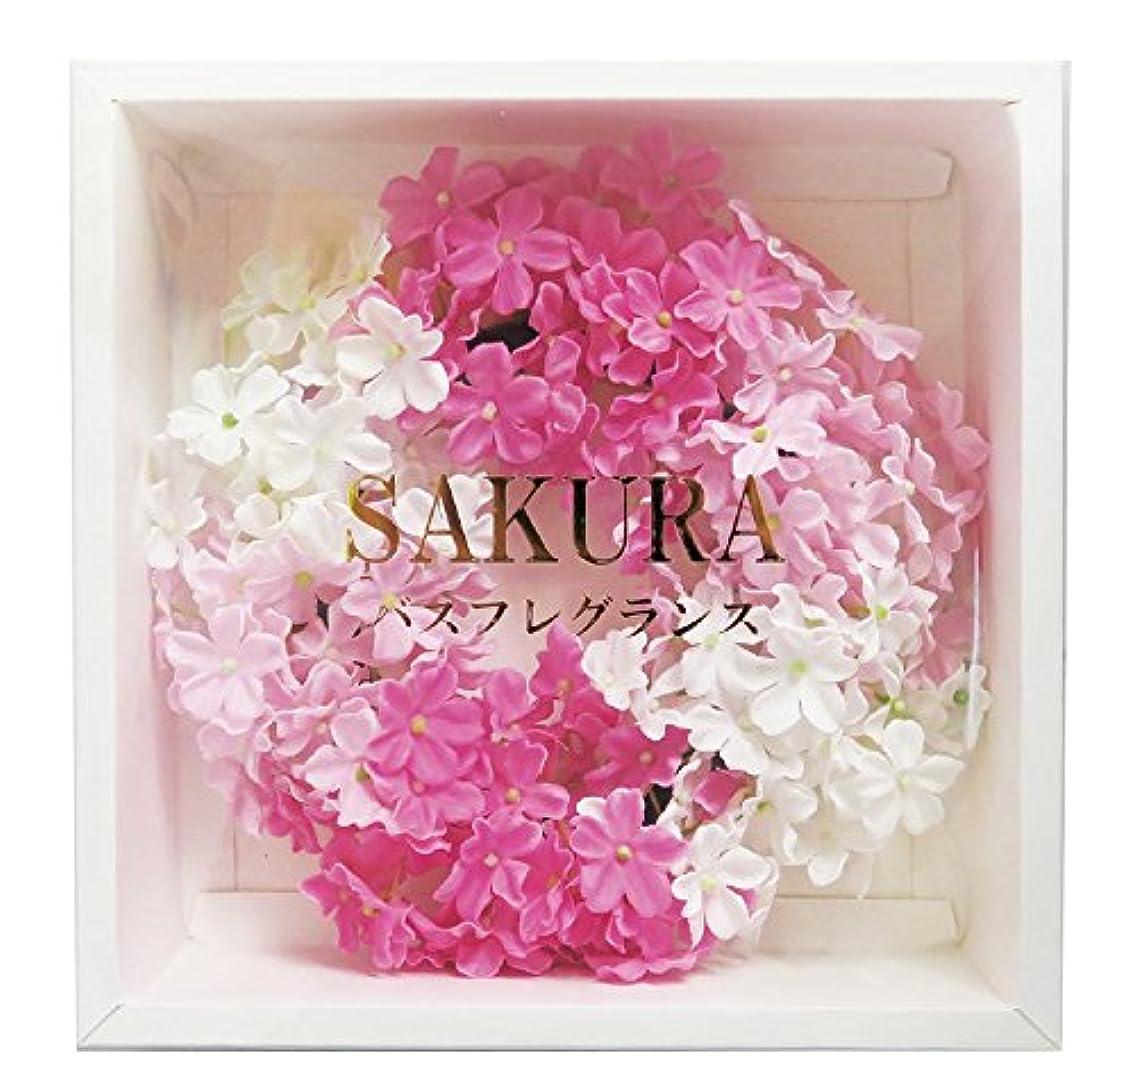 愚かシールドペパーミント花のカタチの入浴料! バスフレグランス SAKURA サクラ リース